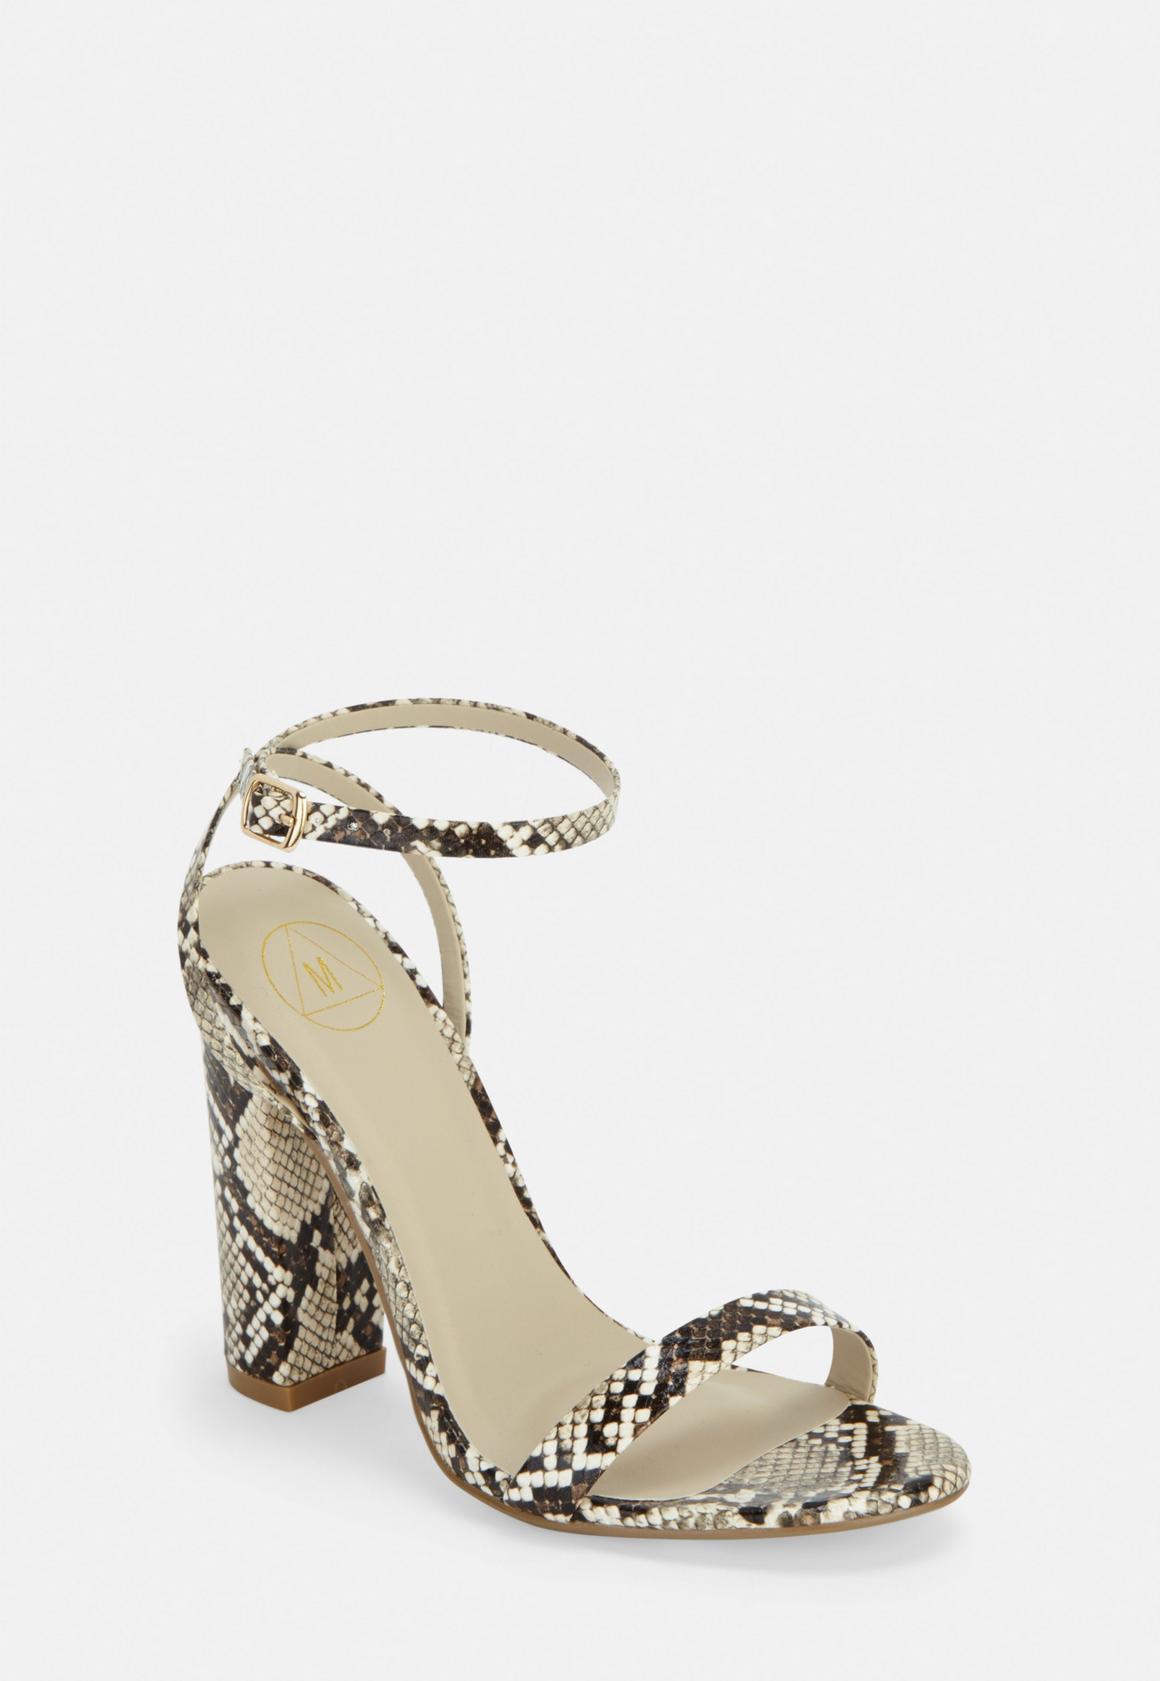 wholesale dealer good quality various design Beige Snake Print Block Heeled Sandals